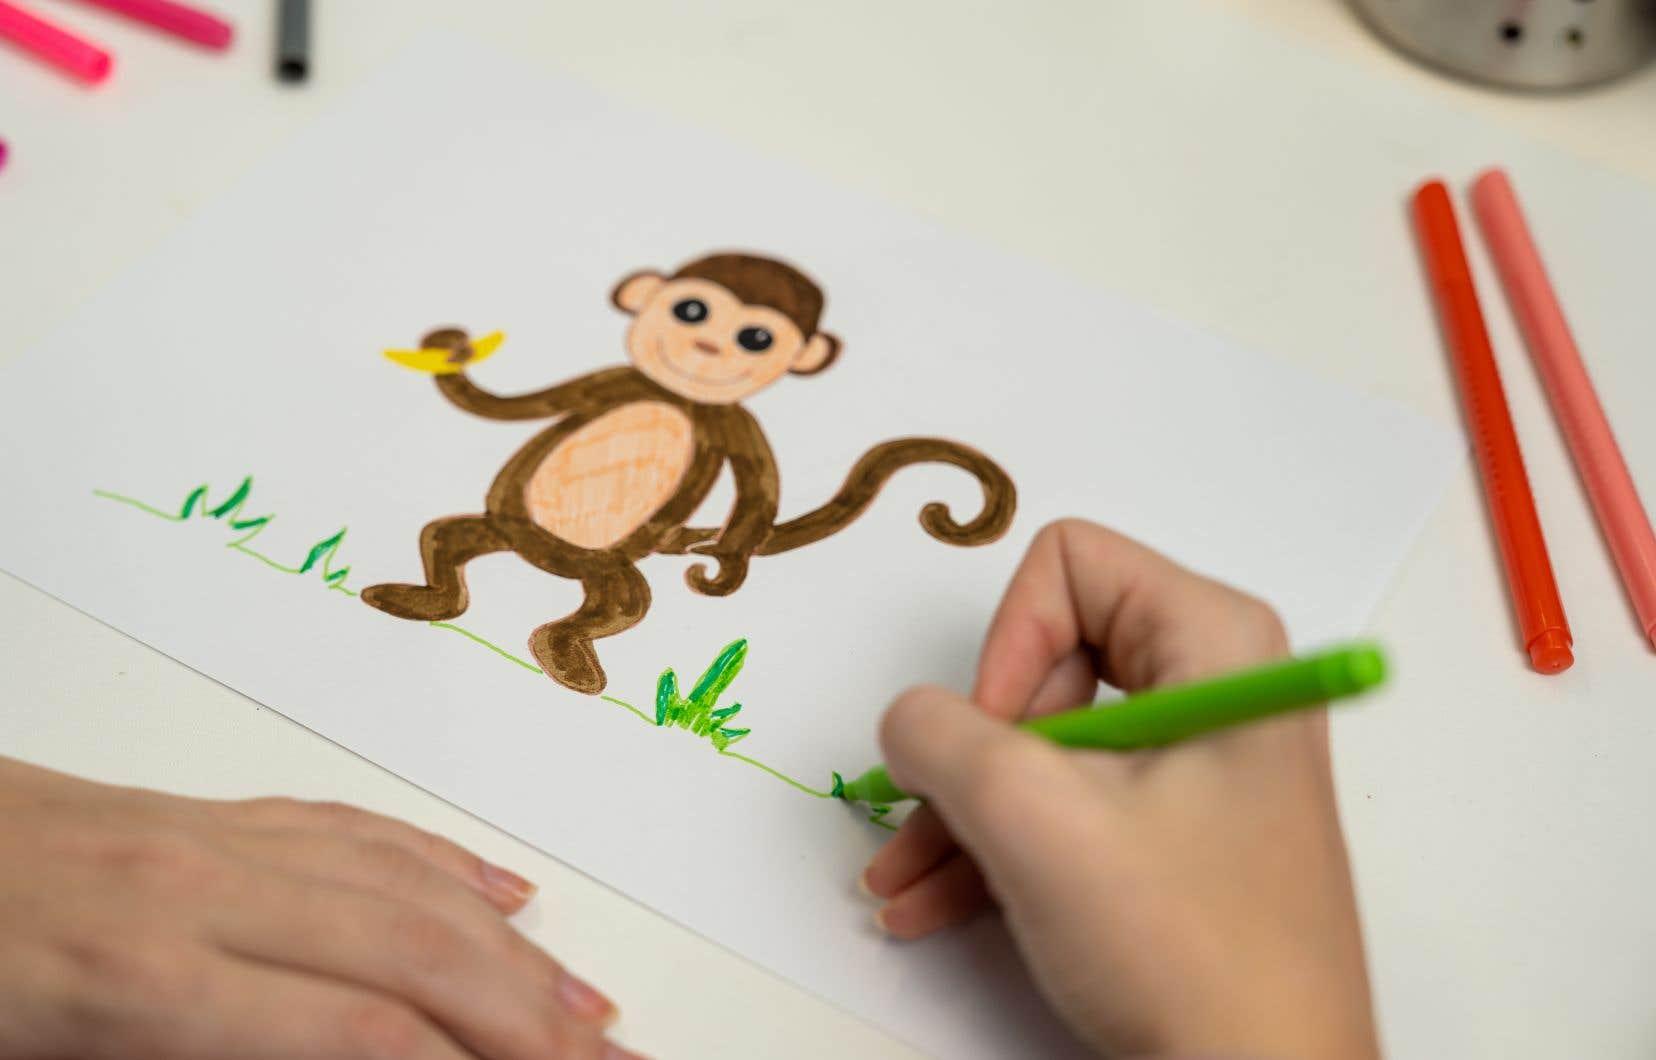 Toi, est-ce que ça t'arrive aussi d'avoir un singe dans la tête, quand tu te fais du souci?